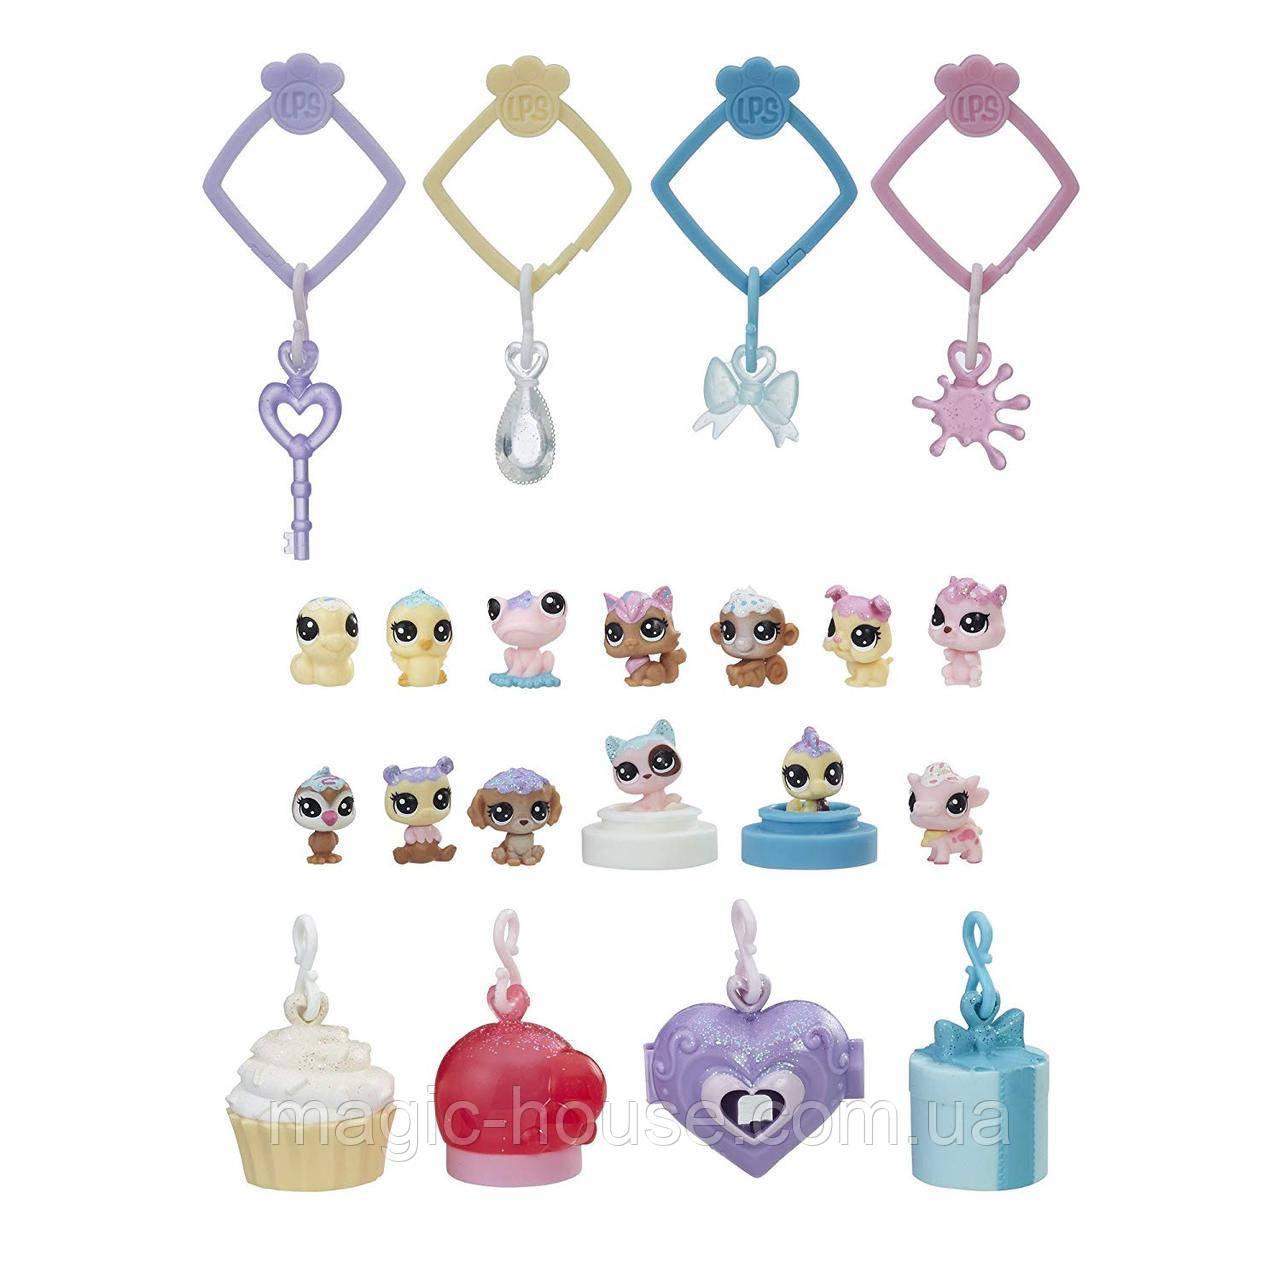 Игровой набор Littlest Pet ShopМаленький зоомагазинFrosting Frenzy Оригинал от Hasbro